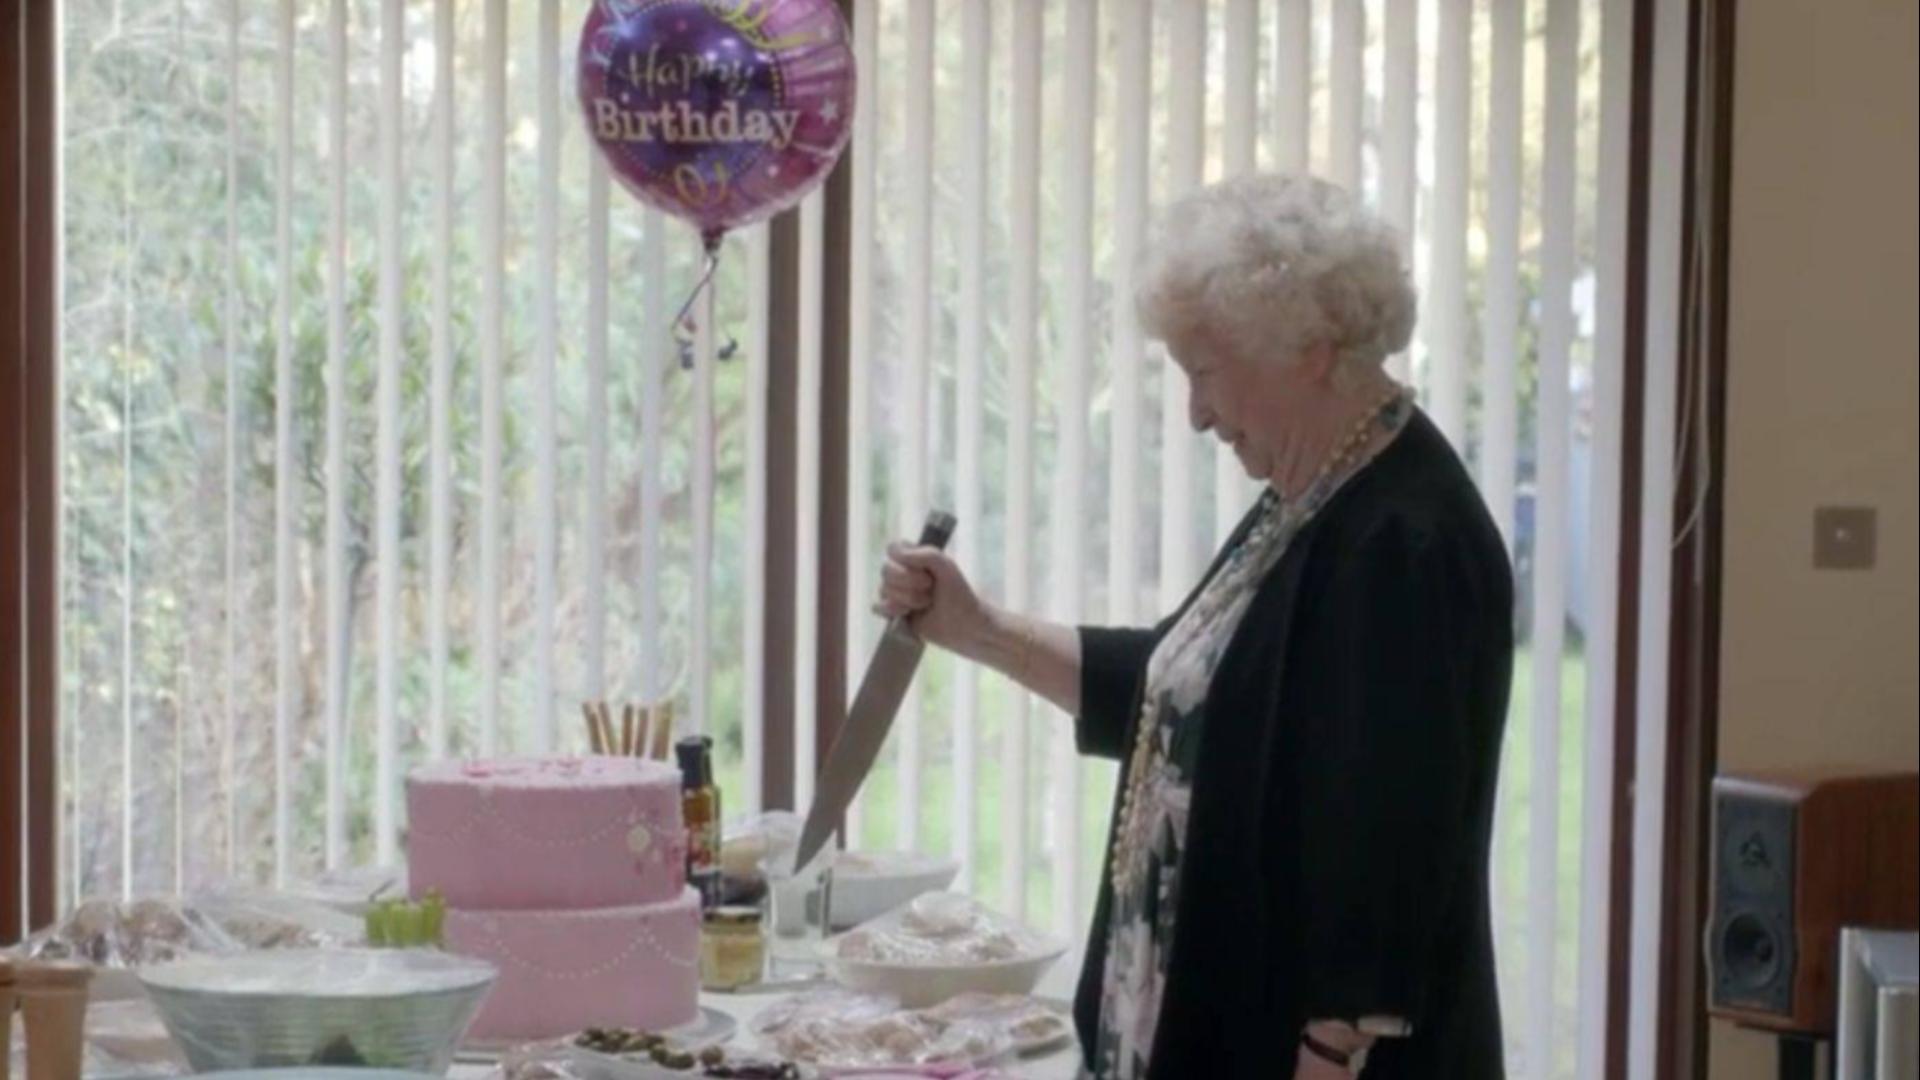 女儿躲在蛋糕底下,想给母亲生日惊喜,却不料母亲一刀切了下去